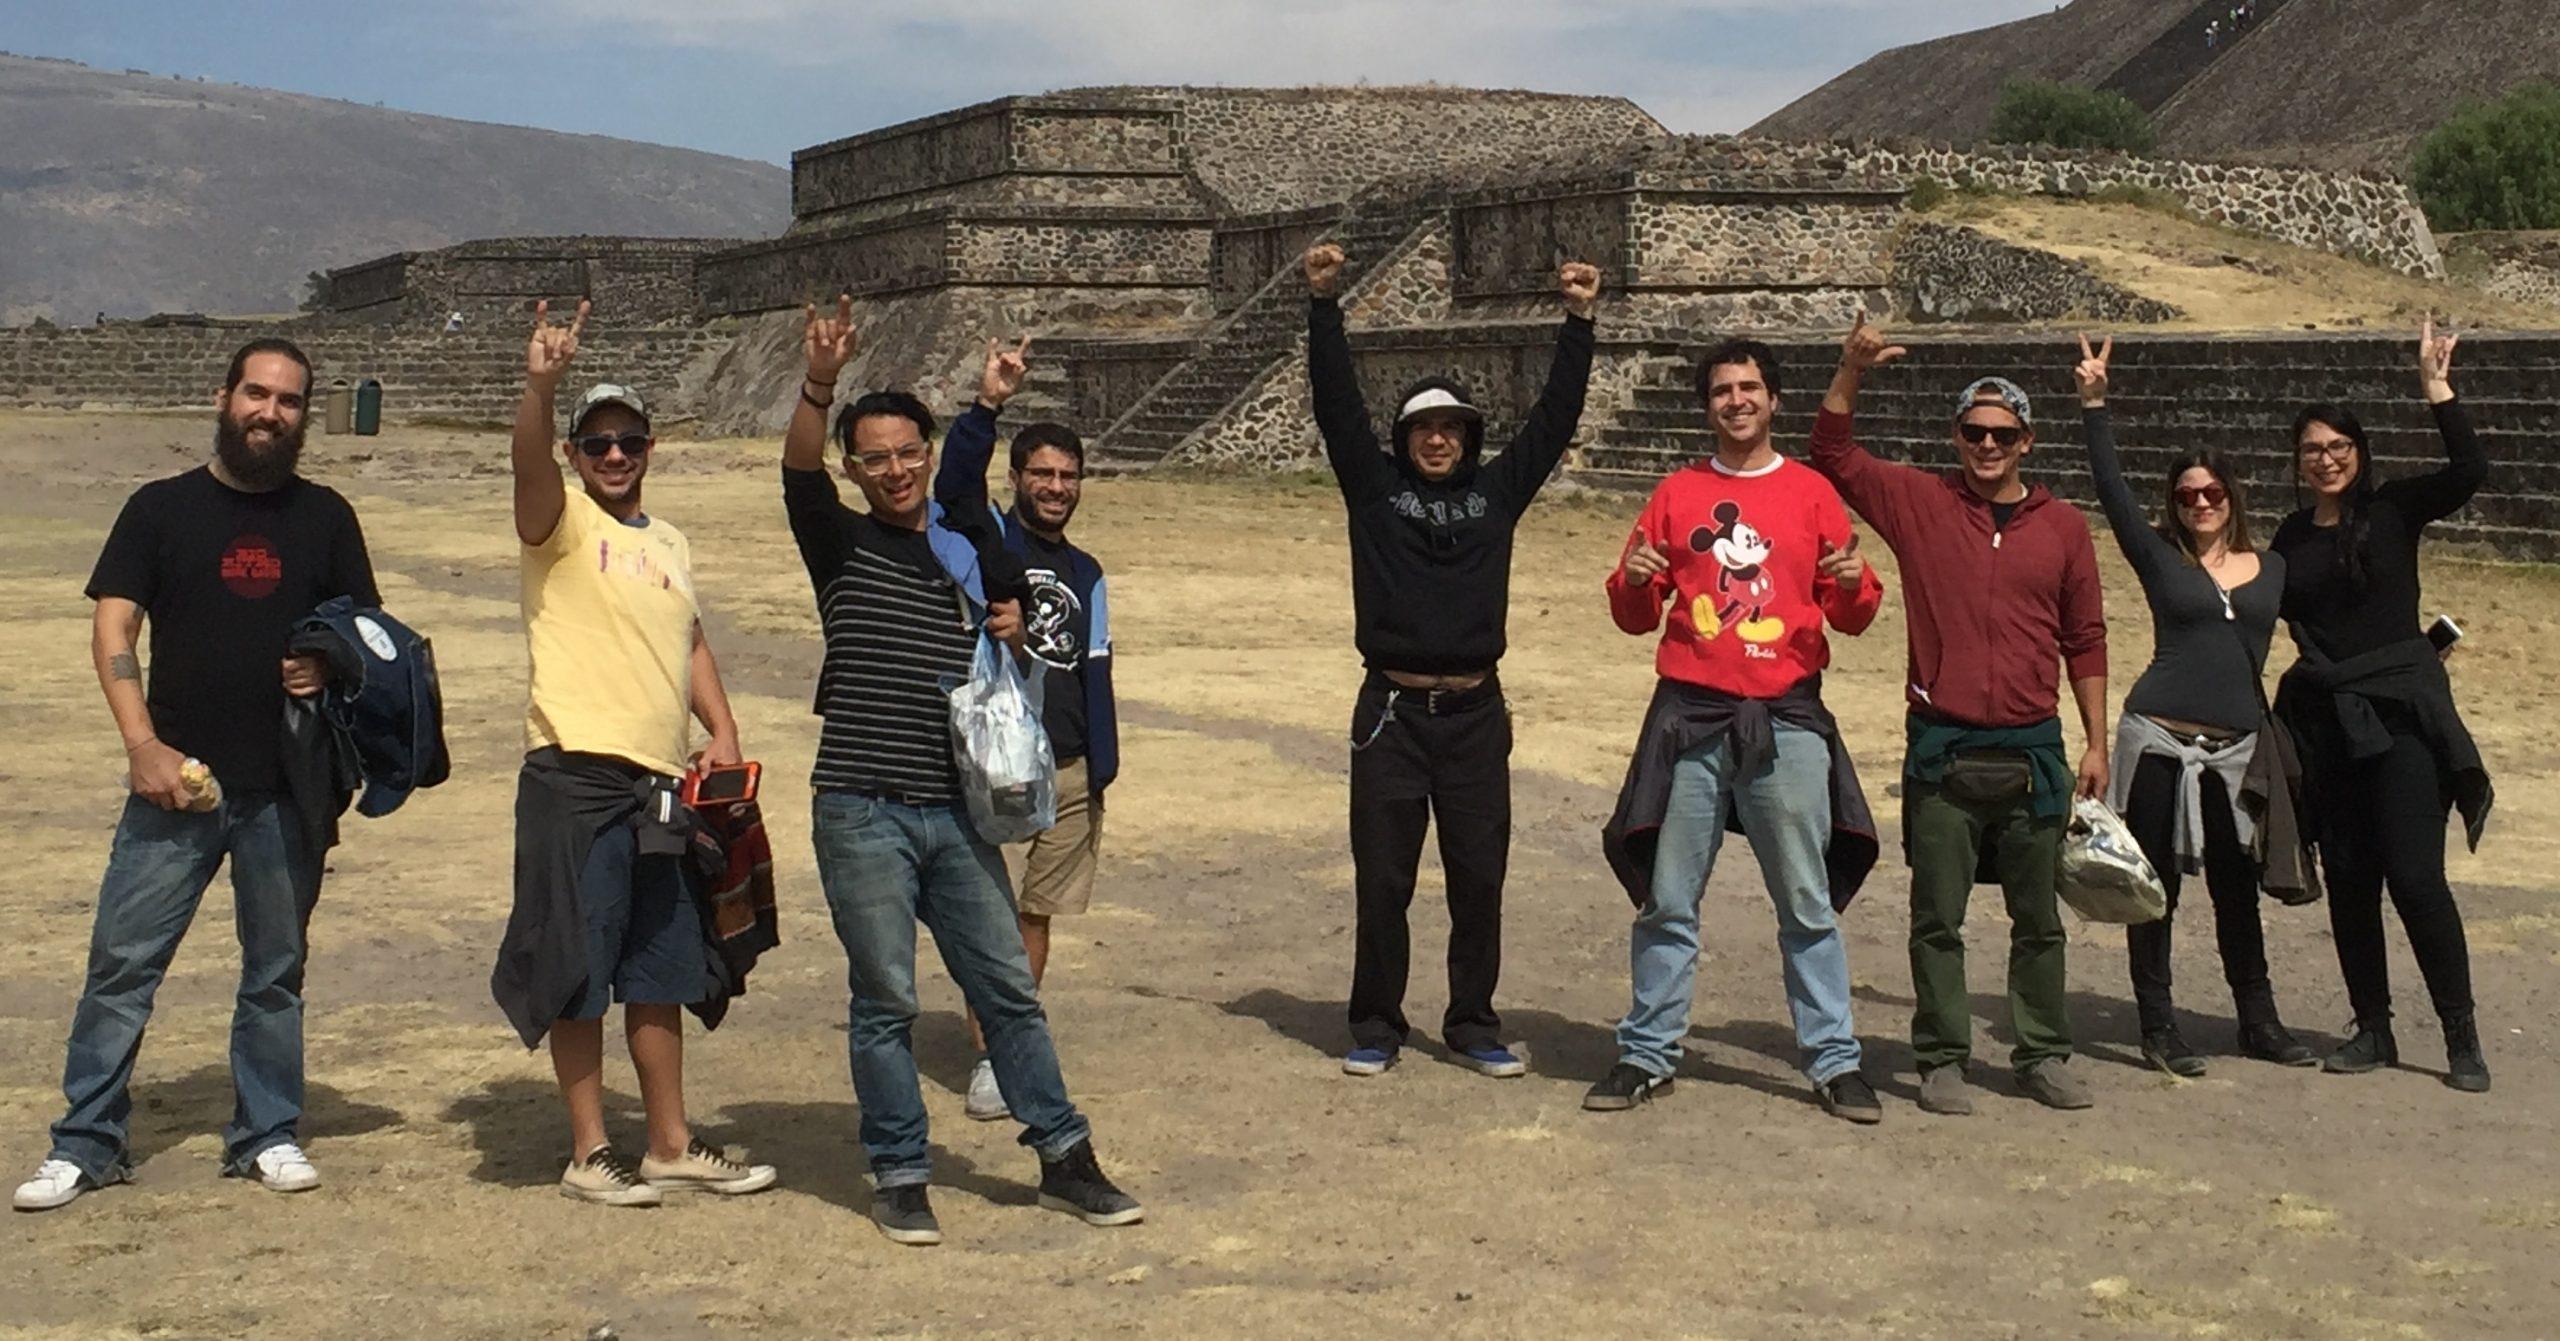 La Orquesta Macabeo se presentó recientemente en México. (Foto suministrada)